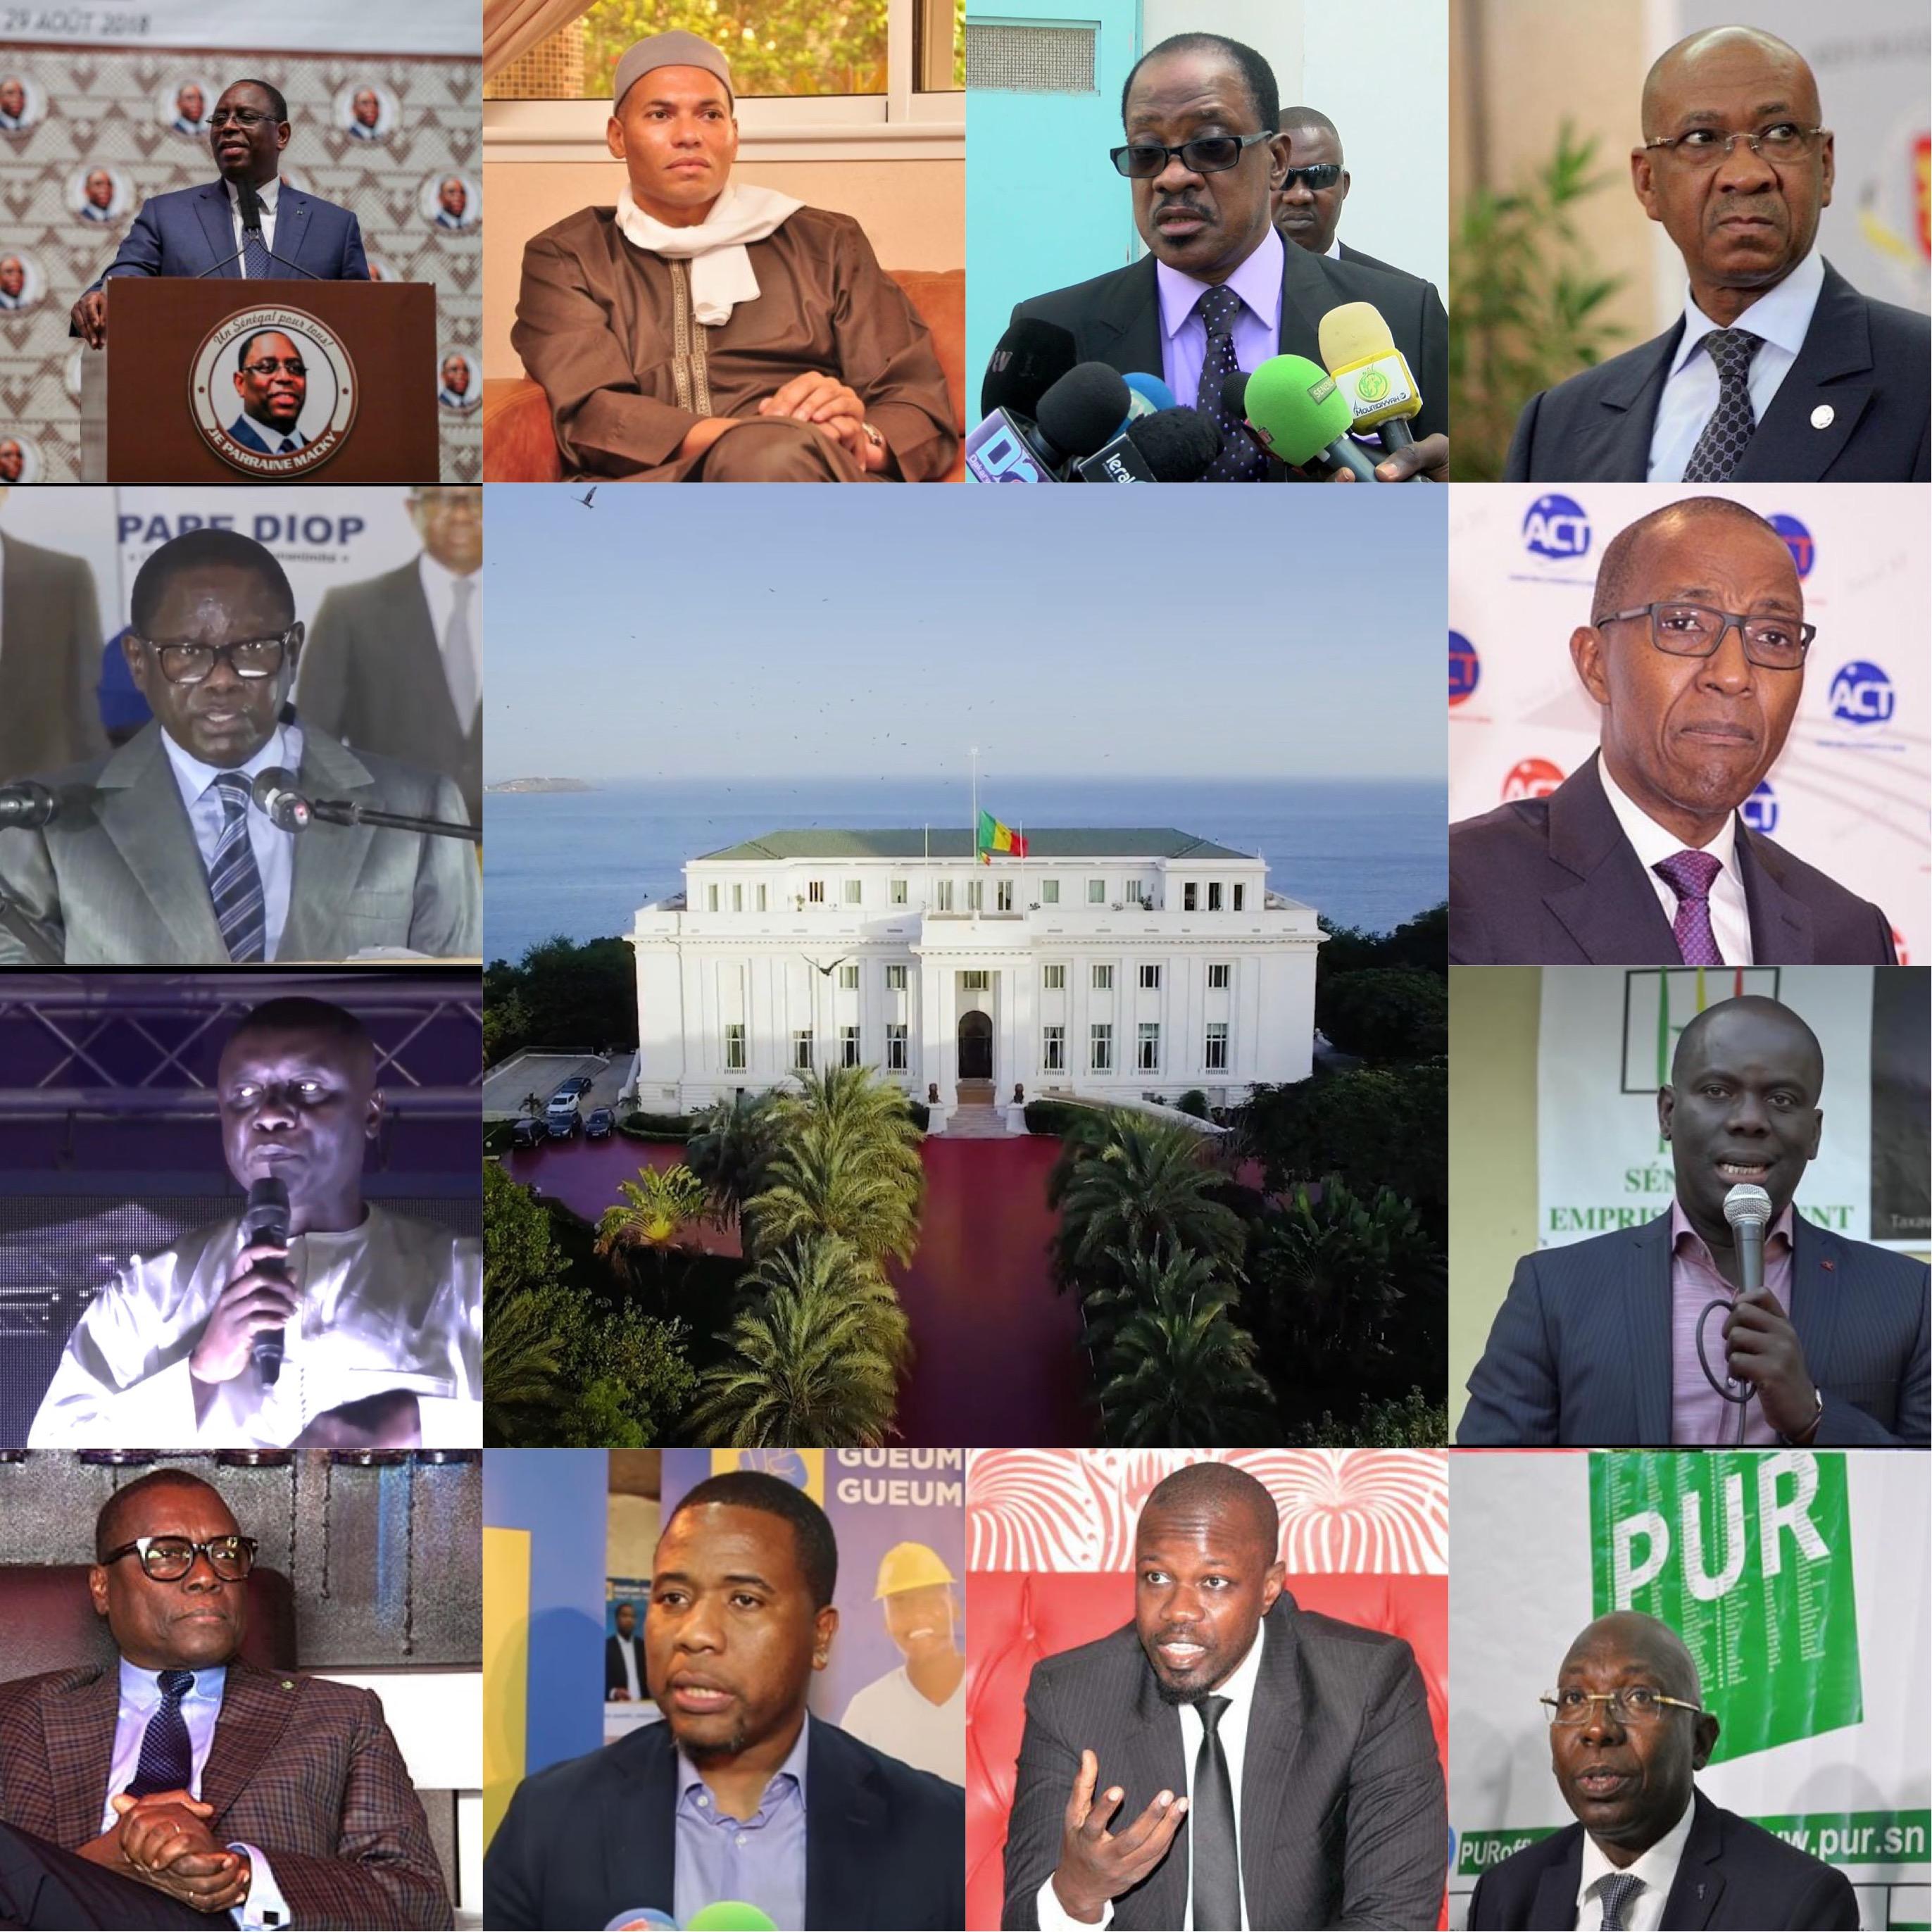 Conseil constitutionnel : Seuls 8 candidats sur 27 ont validé leurs fiches de parrainage…